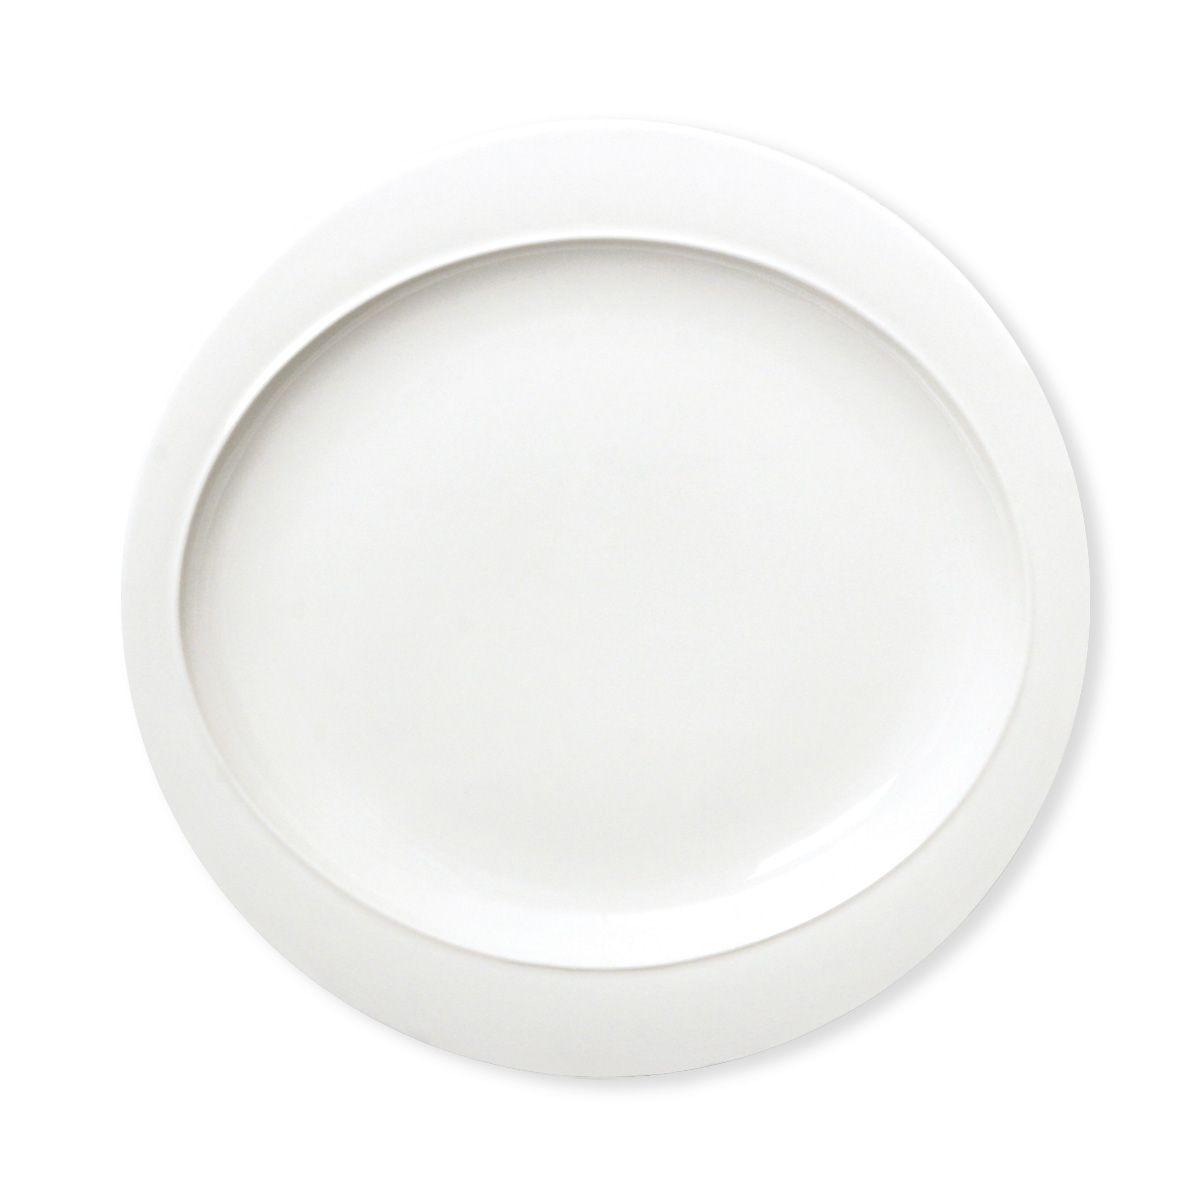 Assiette dessert en porcelaine 22cm - Lot de 6 - VARIO